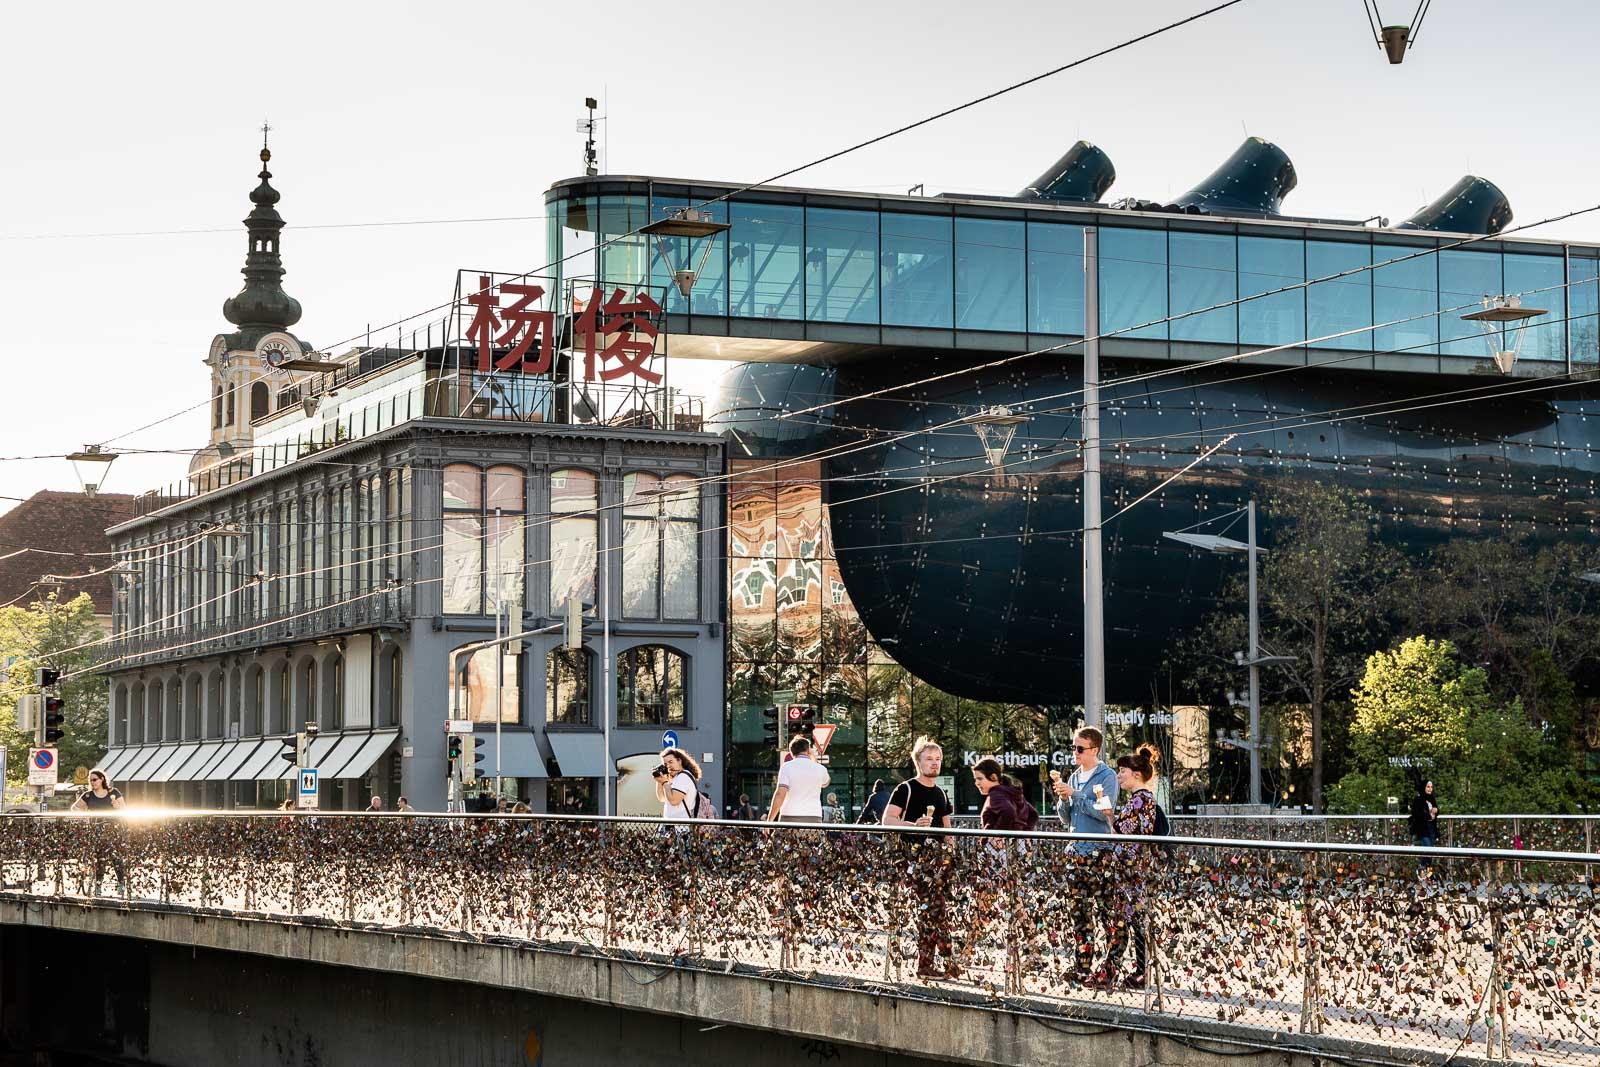 Kunsthaus Graz - Friendly Alien